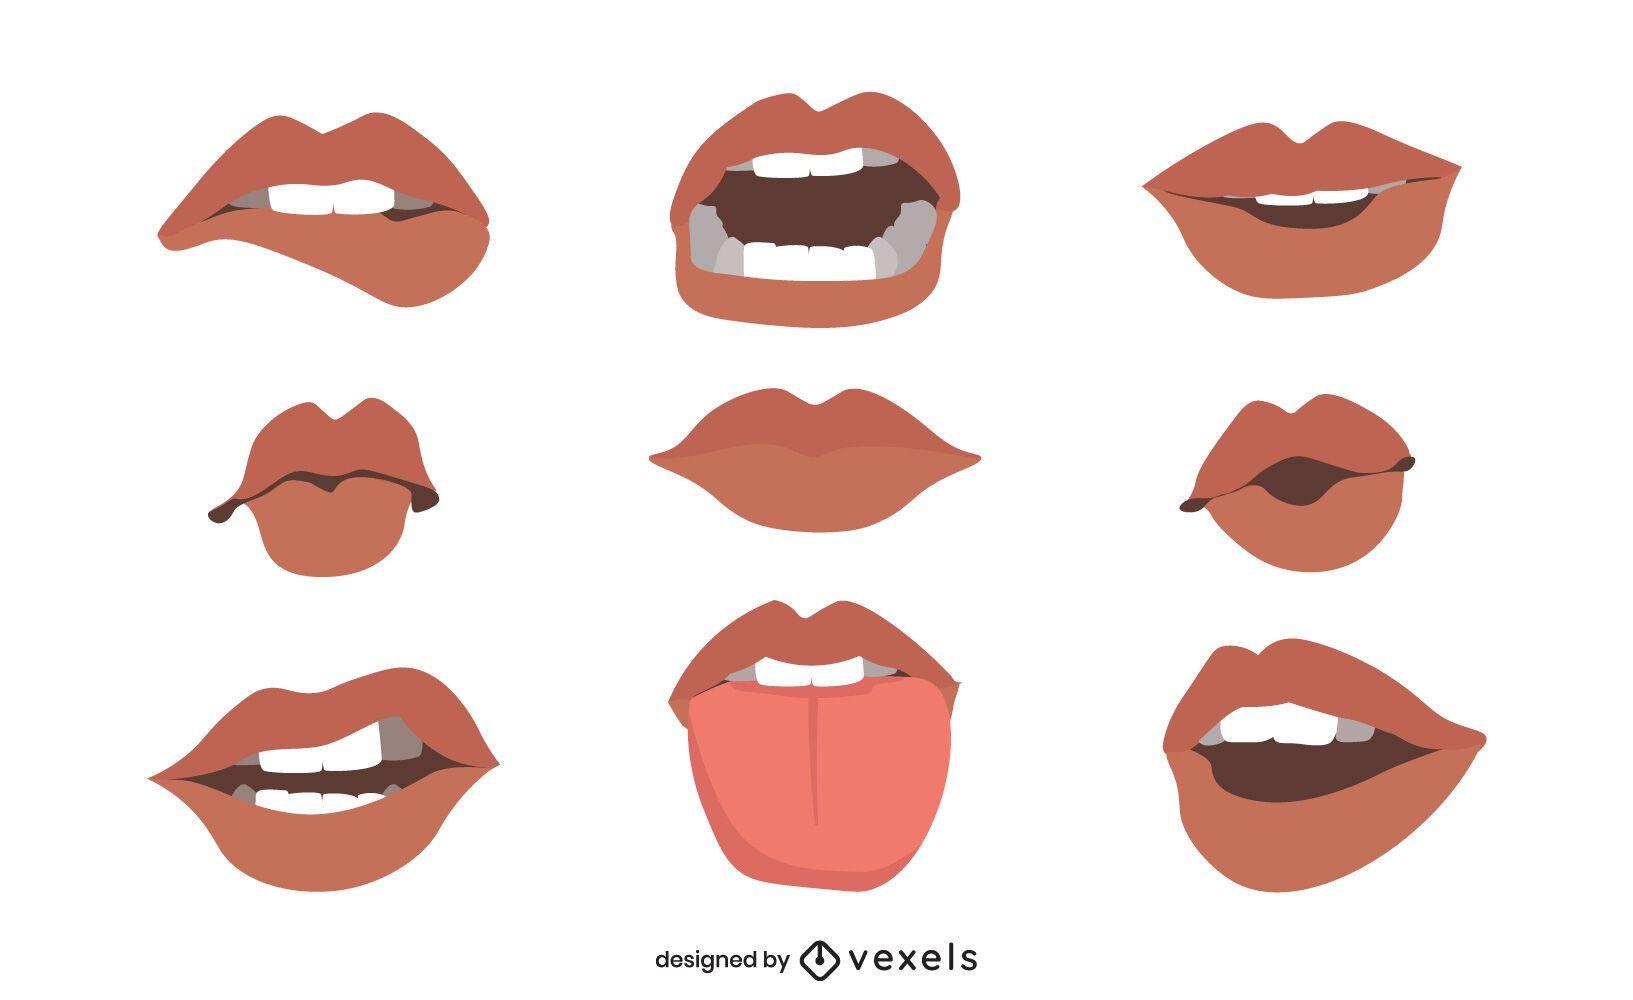 Mouths illustration set